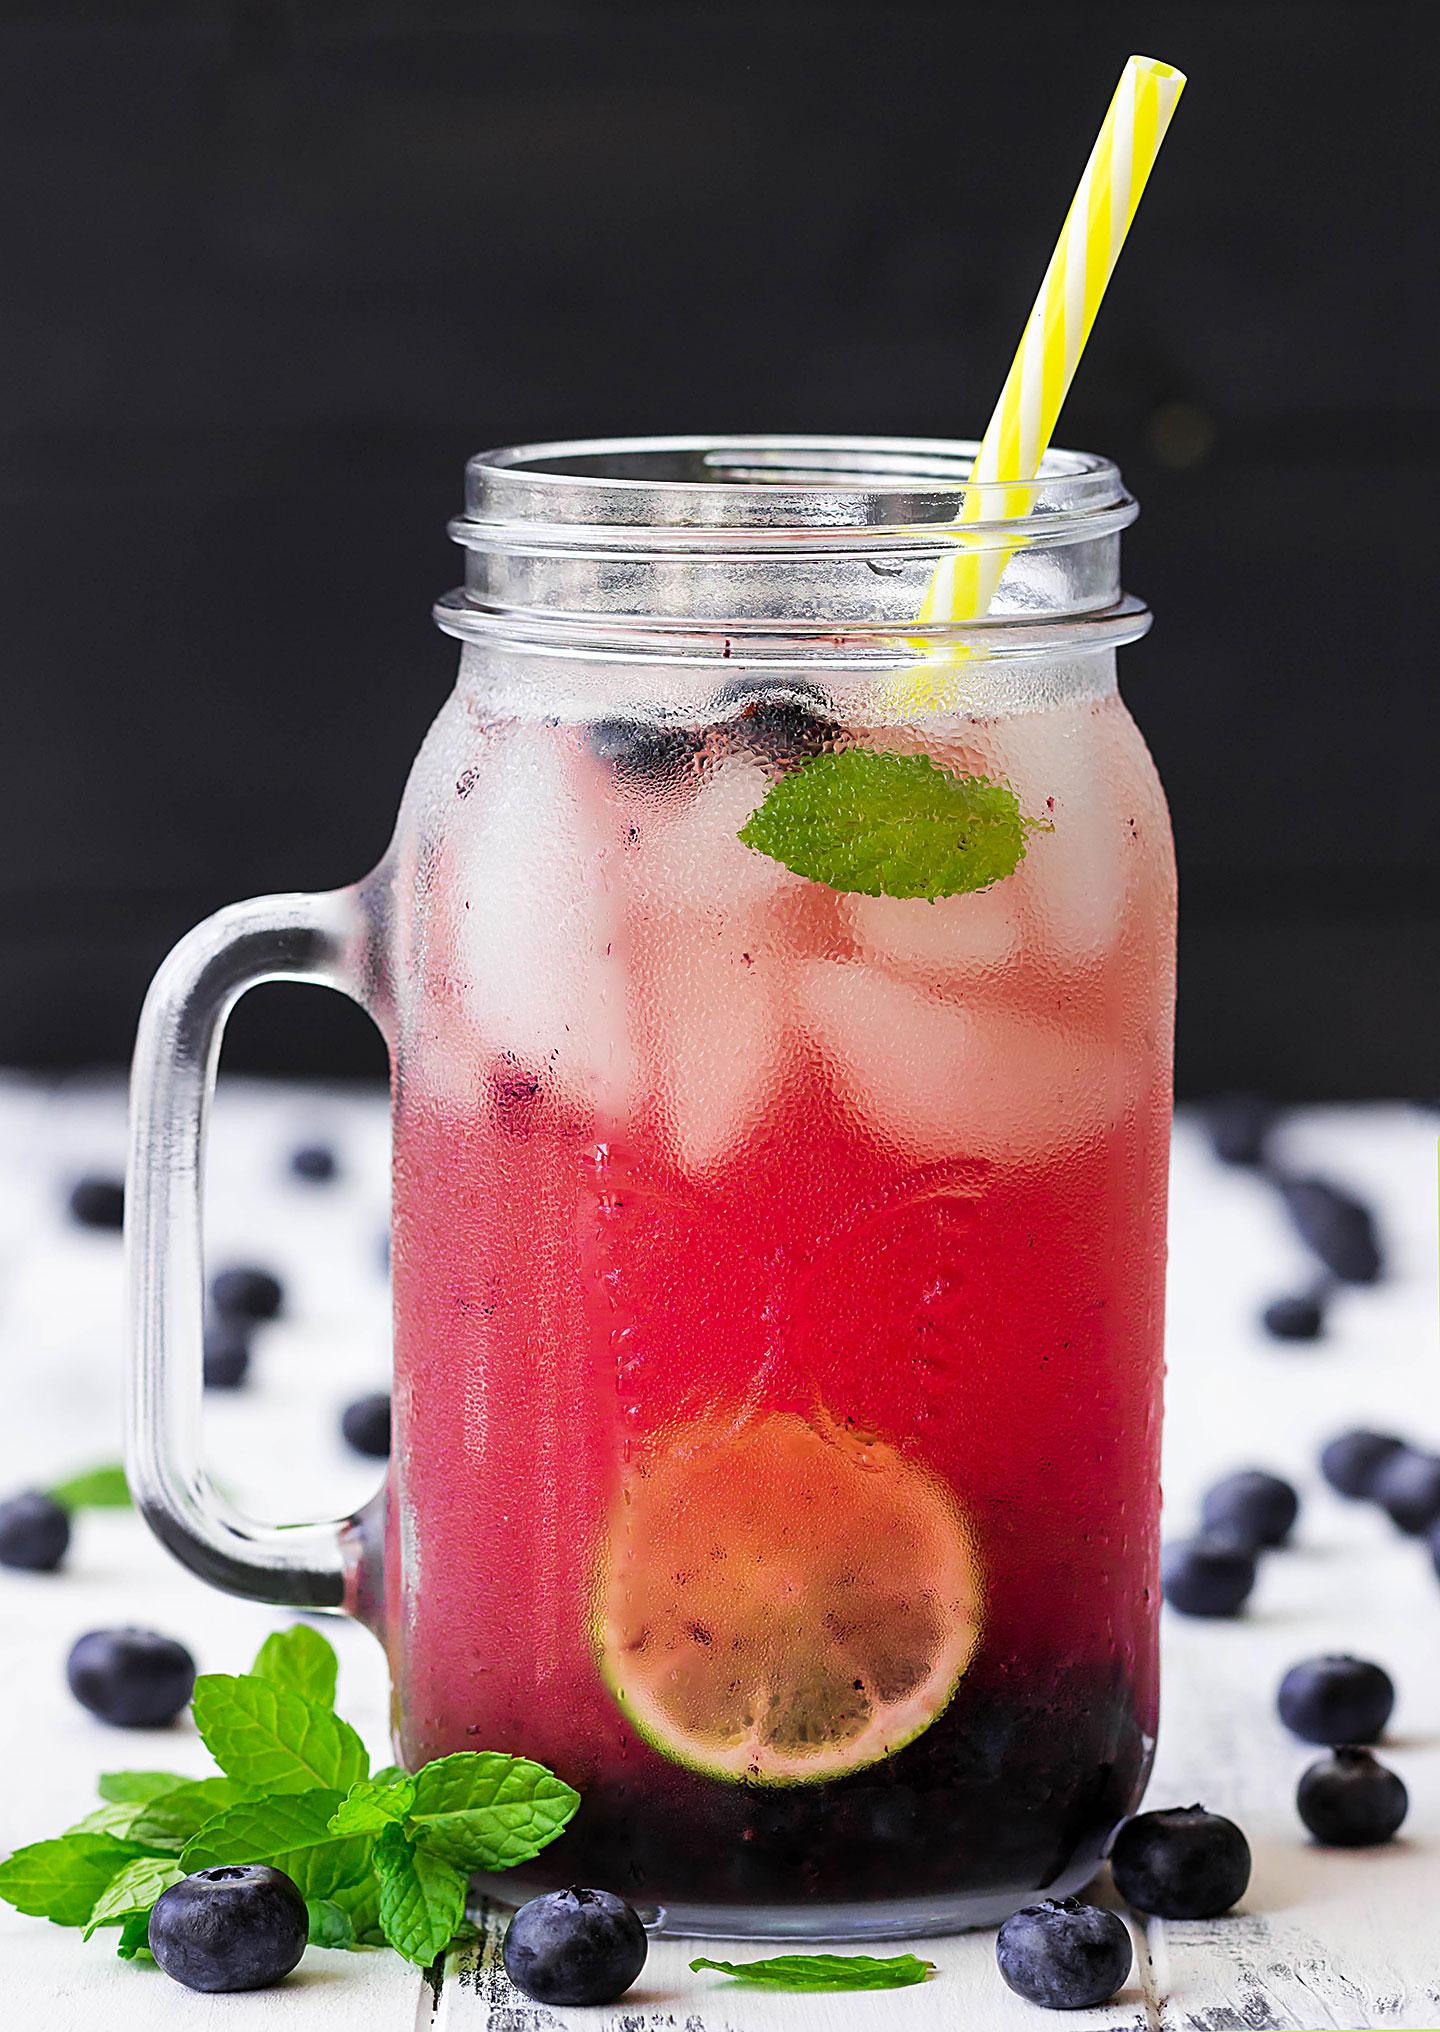 Vodka Punch - Summer Vodka Drinks - Cocktail Recipes from Denver Bartenders made with KEEL Vodka